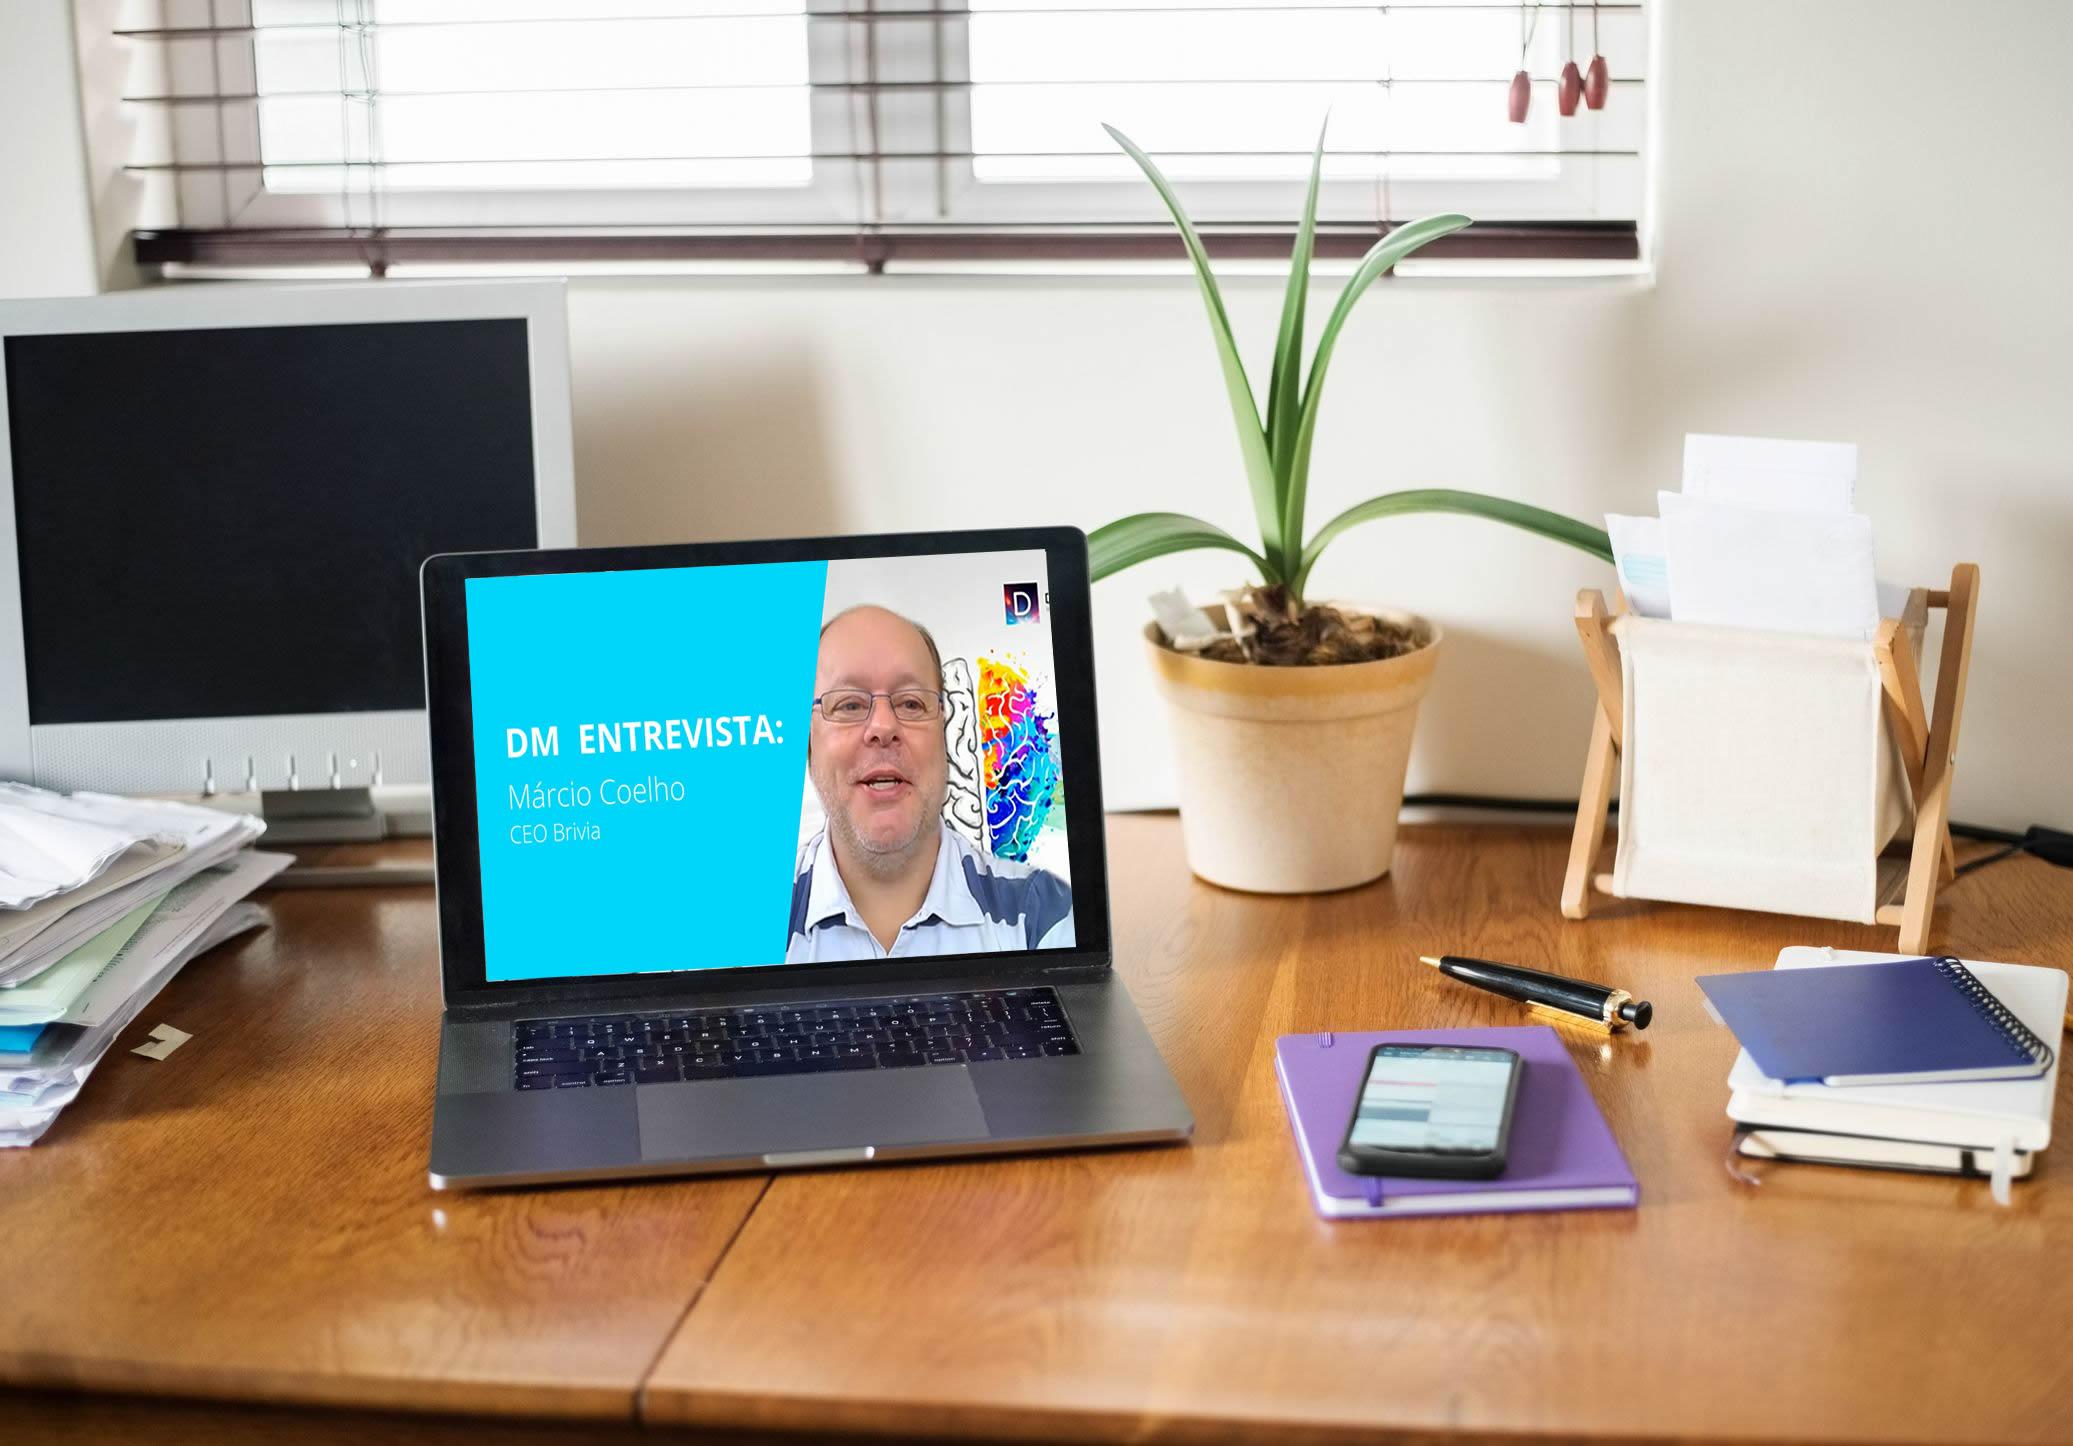 DM Entrevista: Márcio Coelho – CEO Brivia